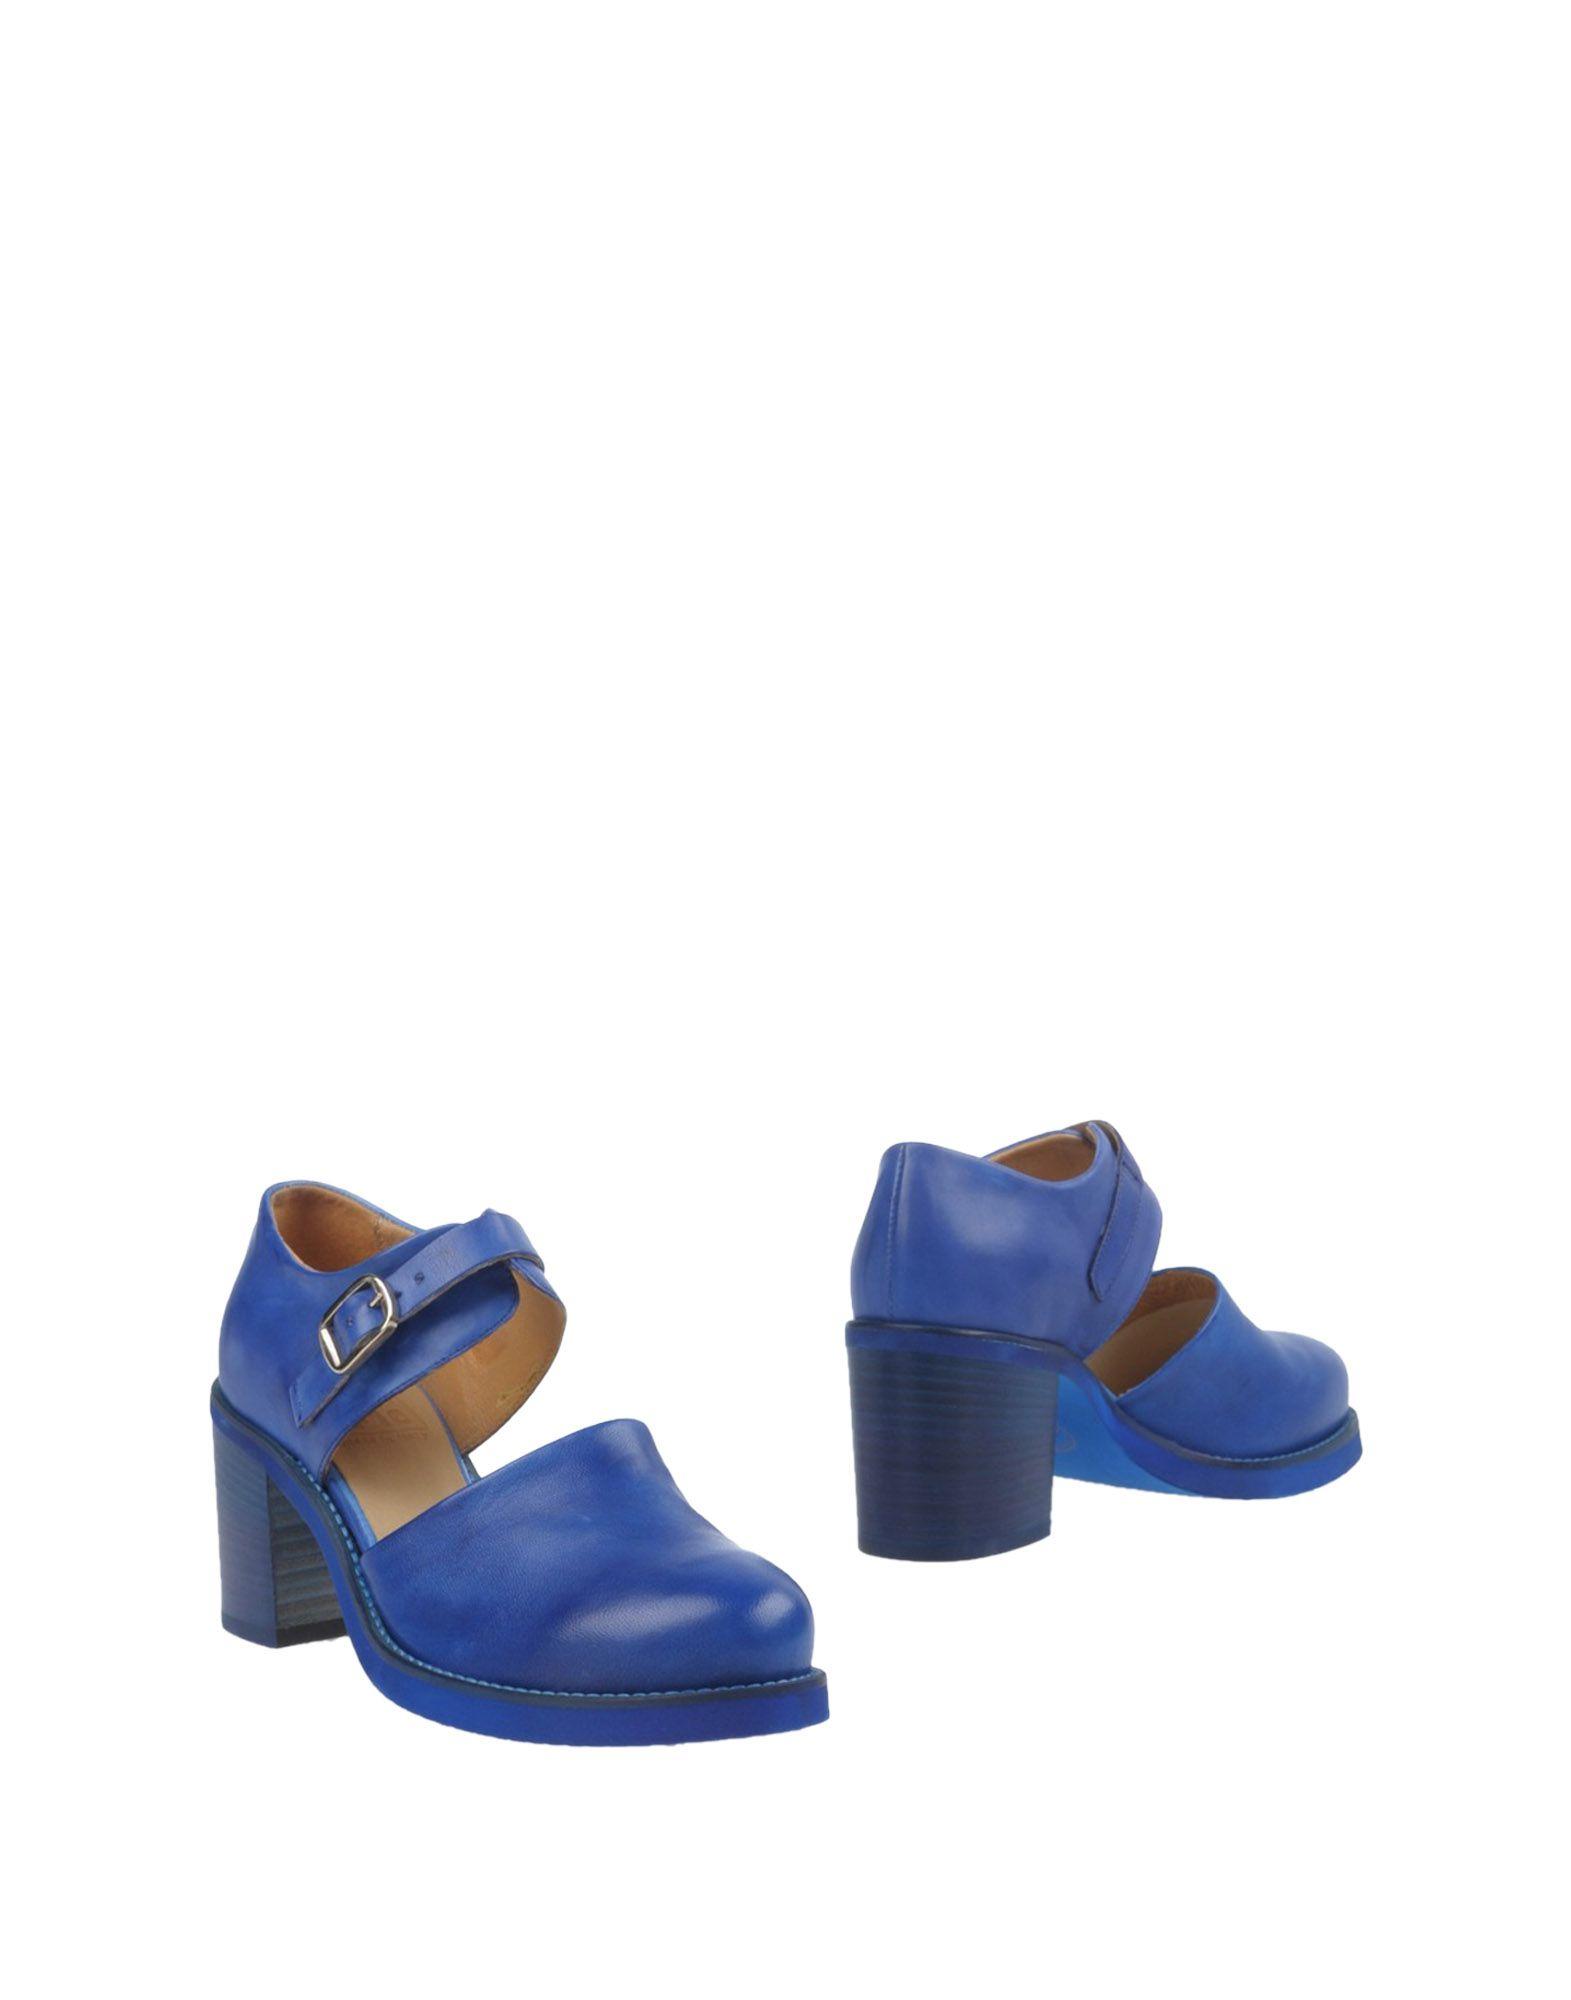 PF16 Ботинки